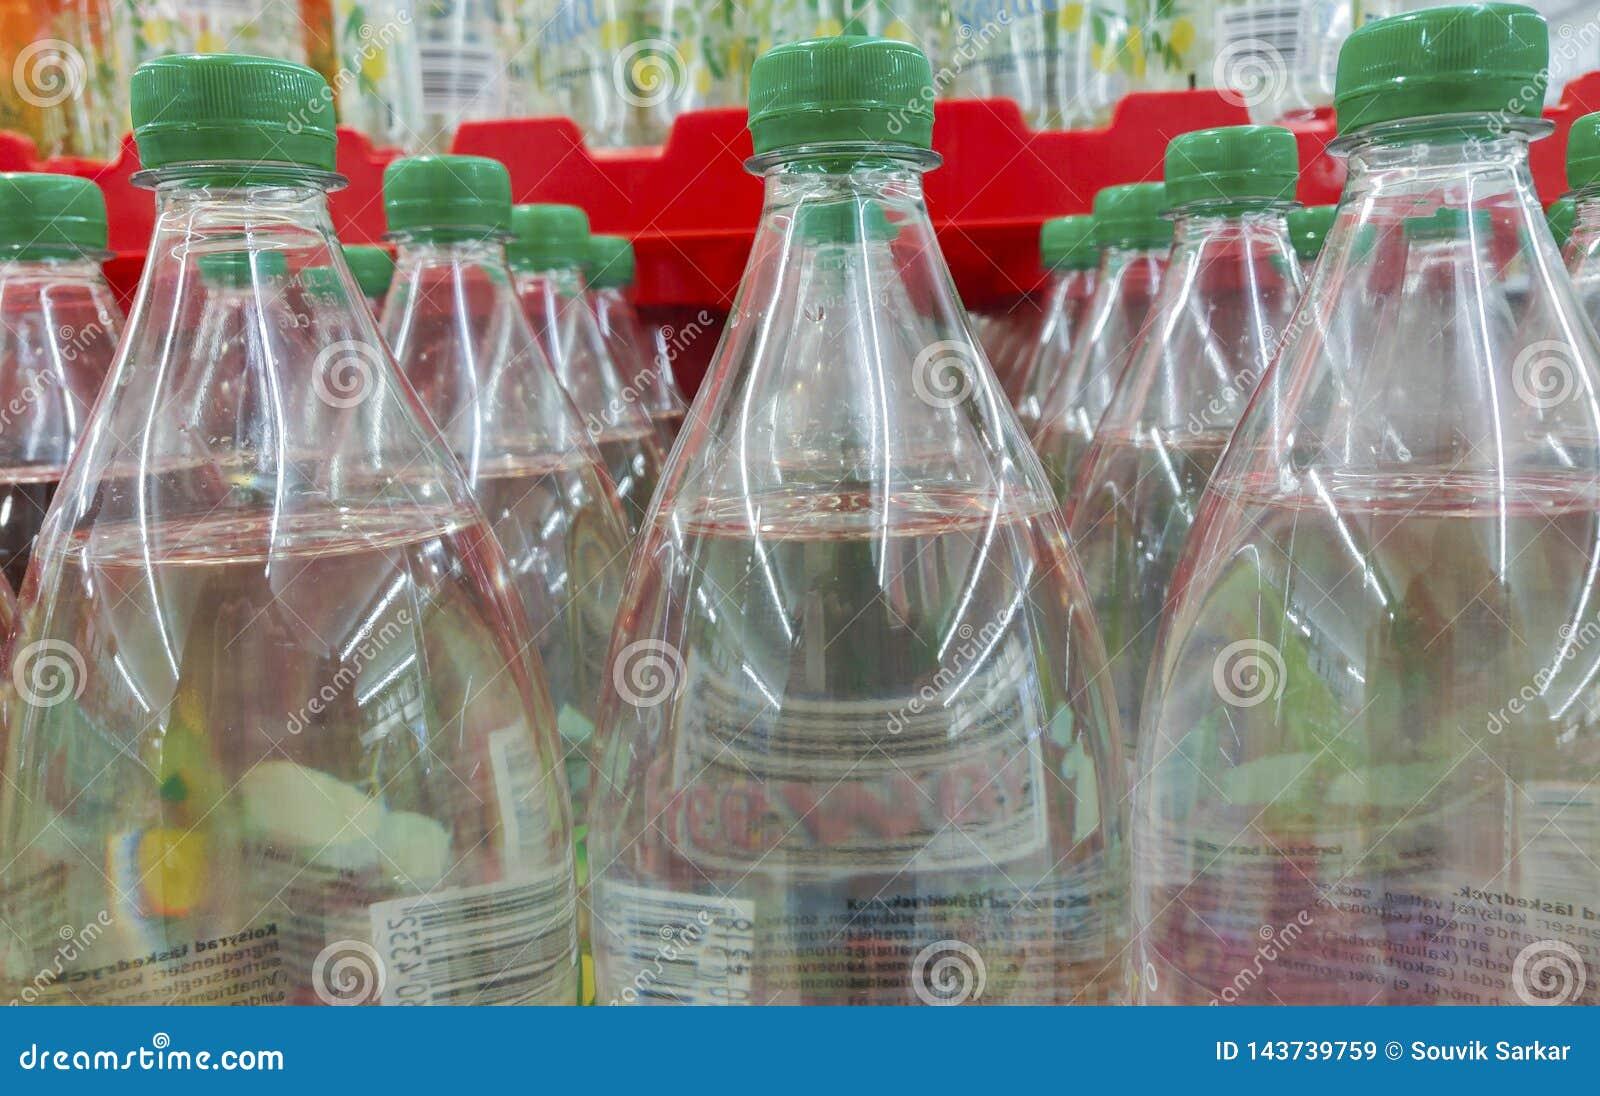 Miękcy napoje w plastikowych butelkach w seriach dla zdrowego styl życia i świeży przejrzystego